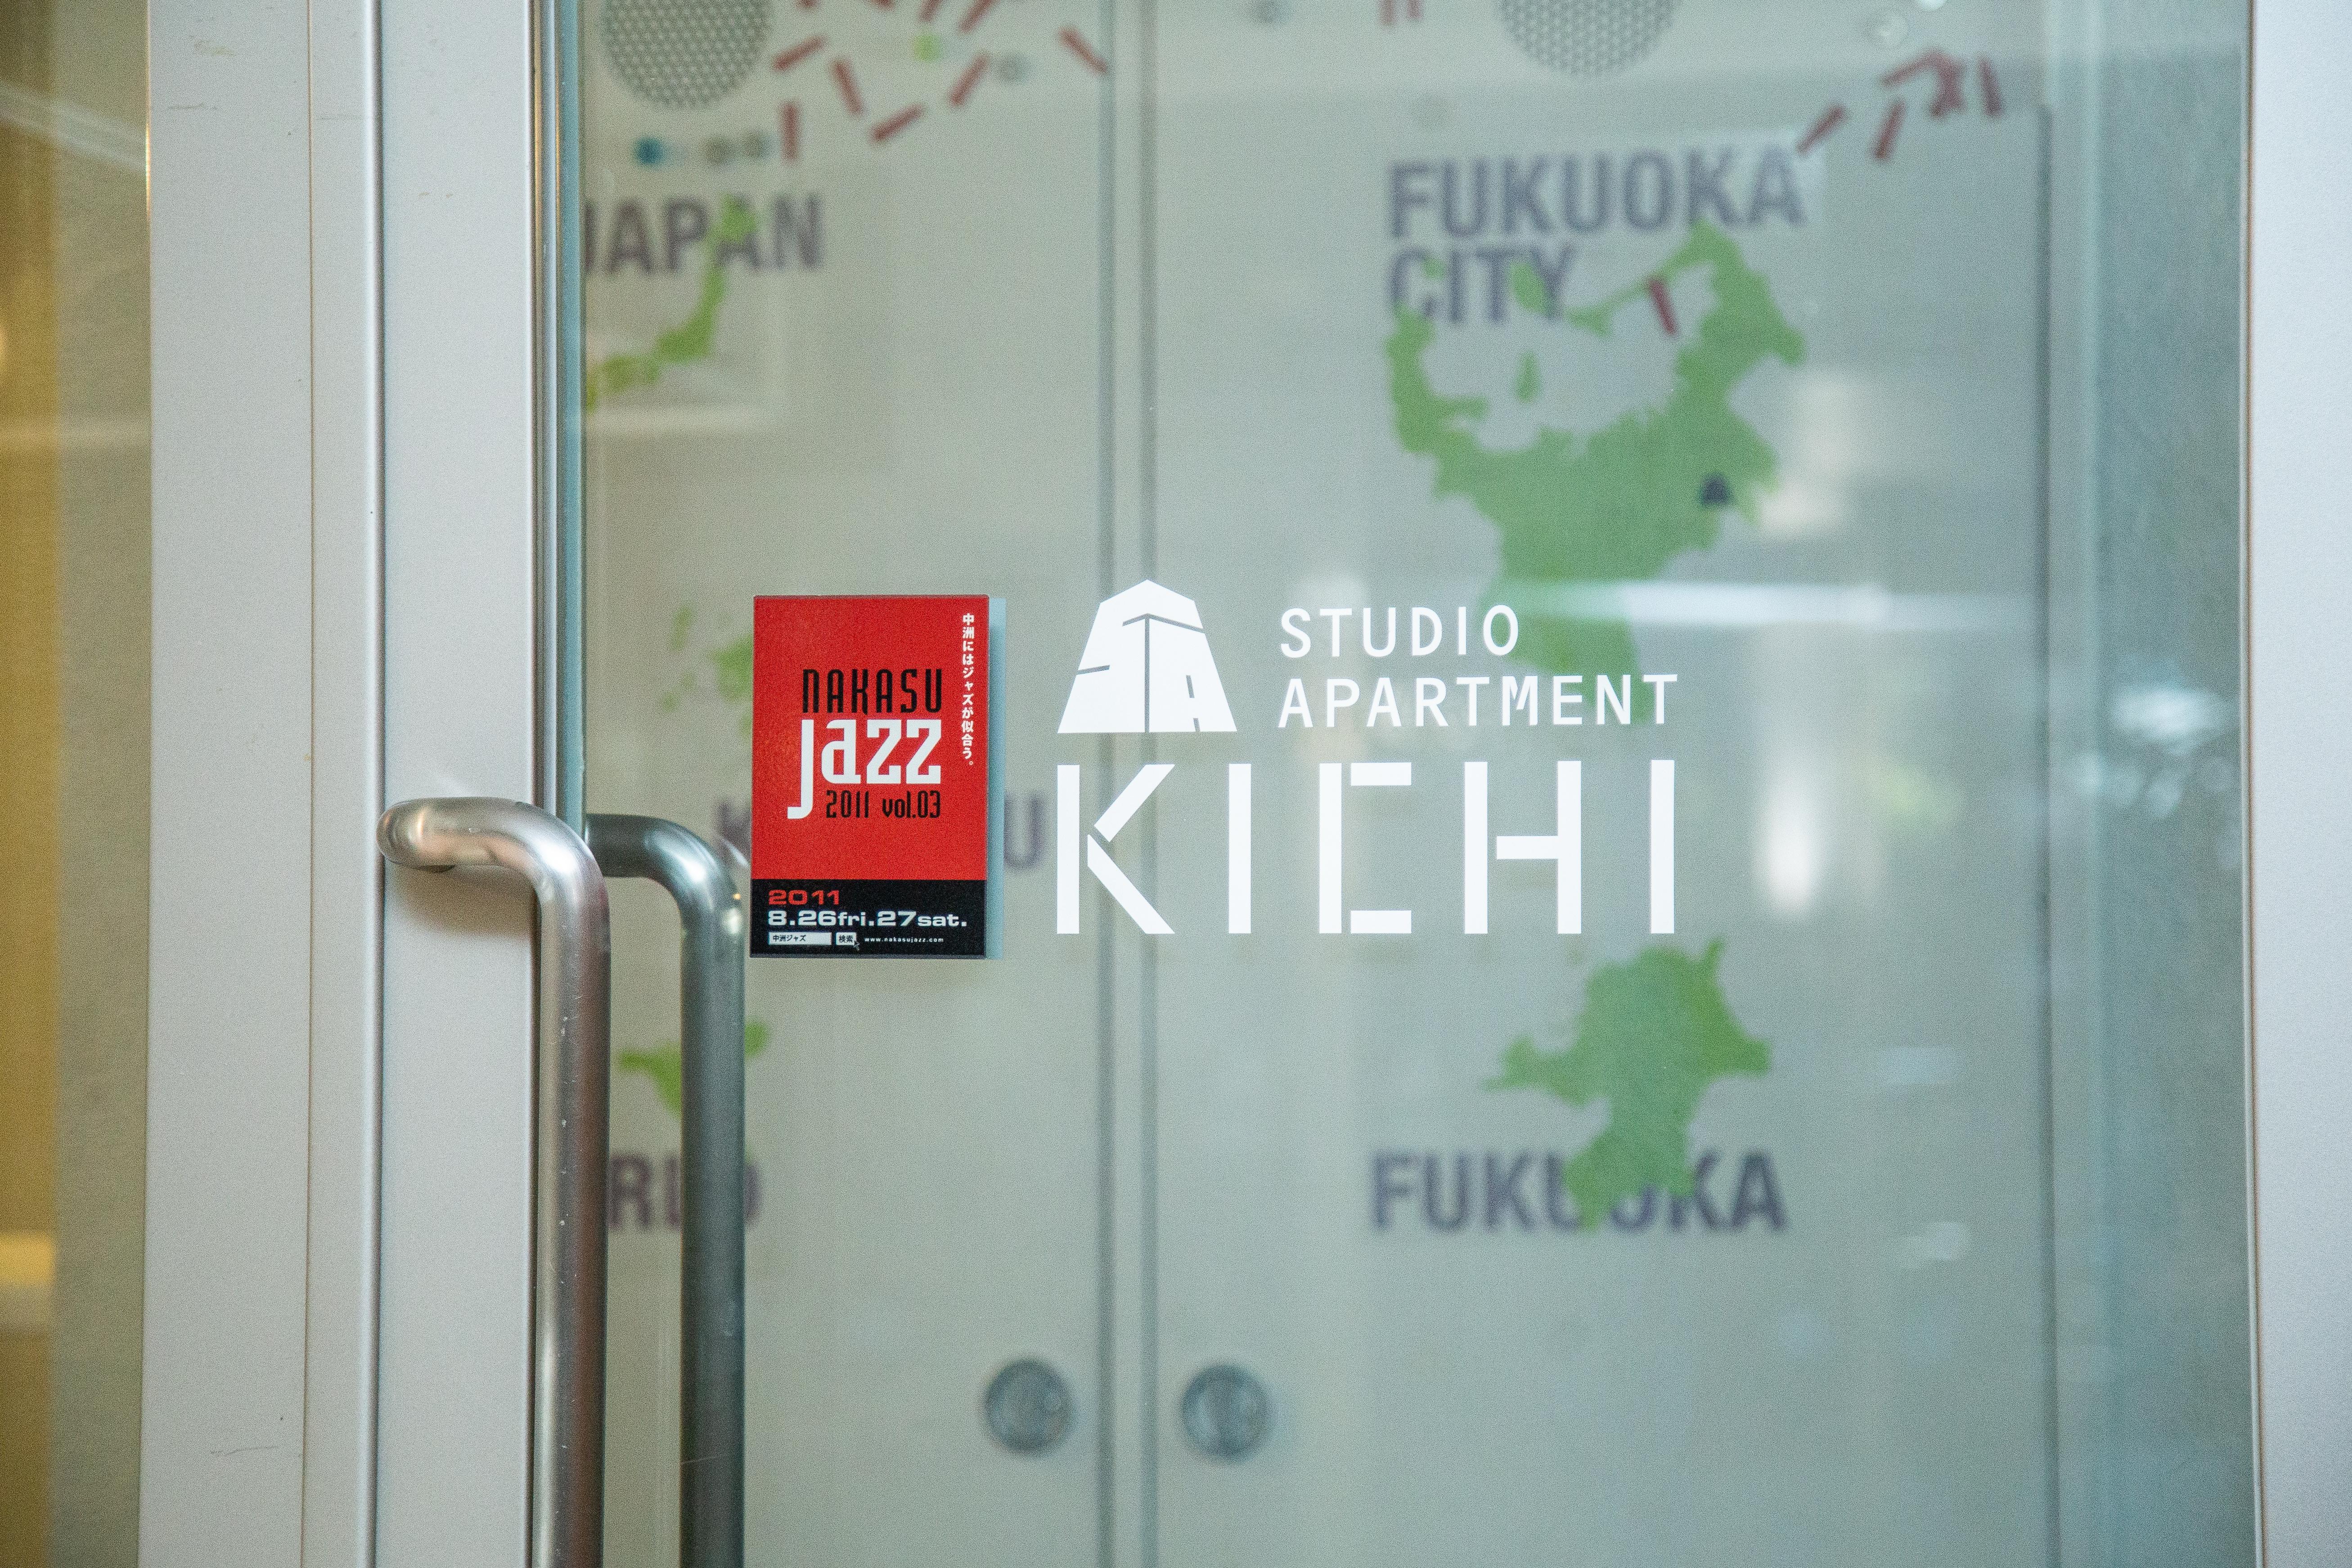 スタジオアパートメントKICHI Booth3の入口の写真